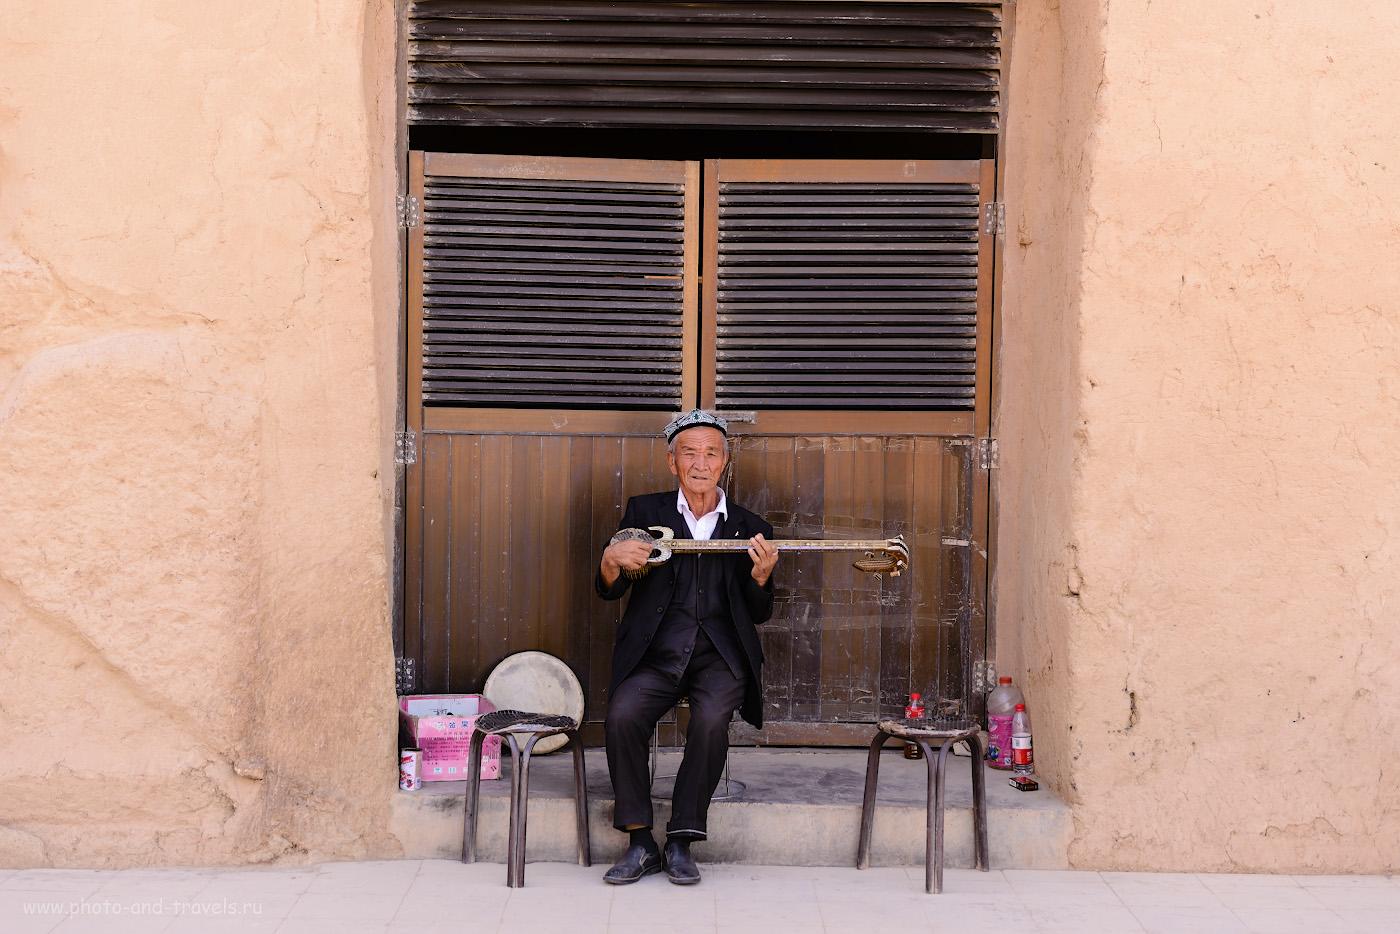 Фотография 17. Народный уйгурский музыкант, услаждающий слух туристов, наведавшихся в Безеклик. 1/250, 0.67, 2.8, 100, 58.